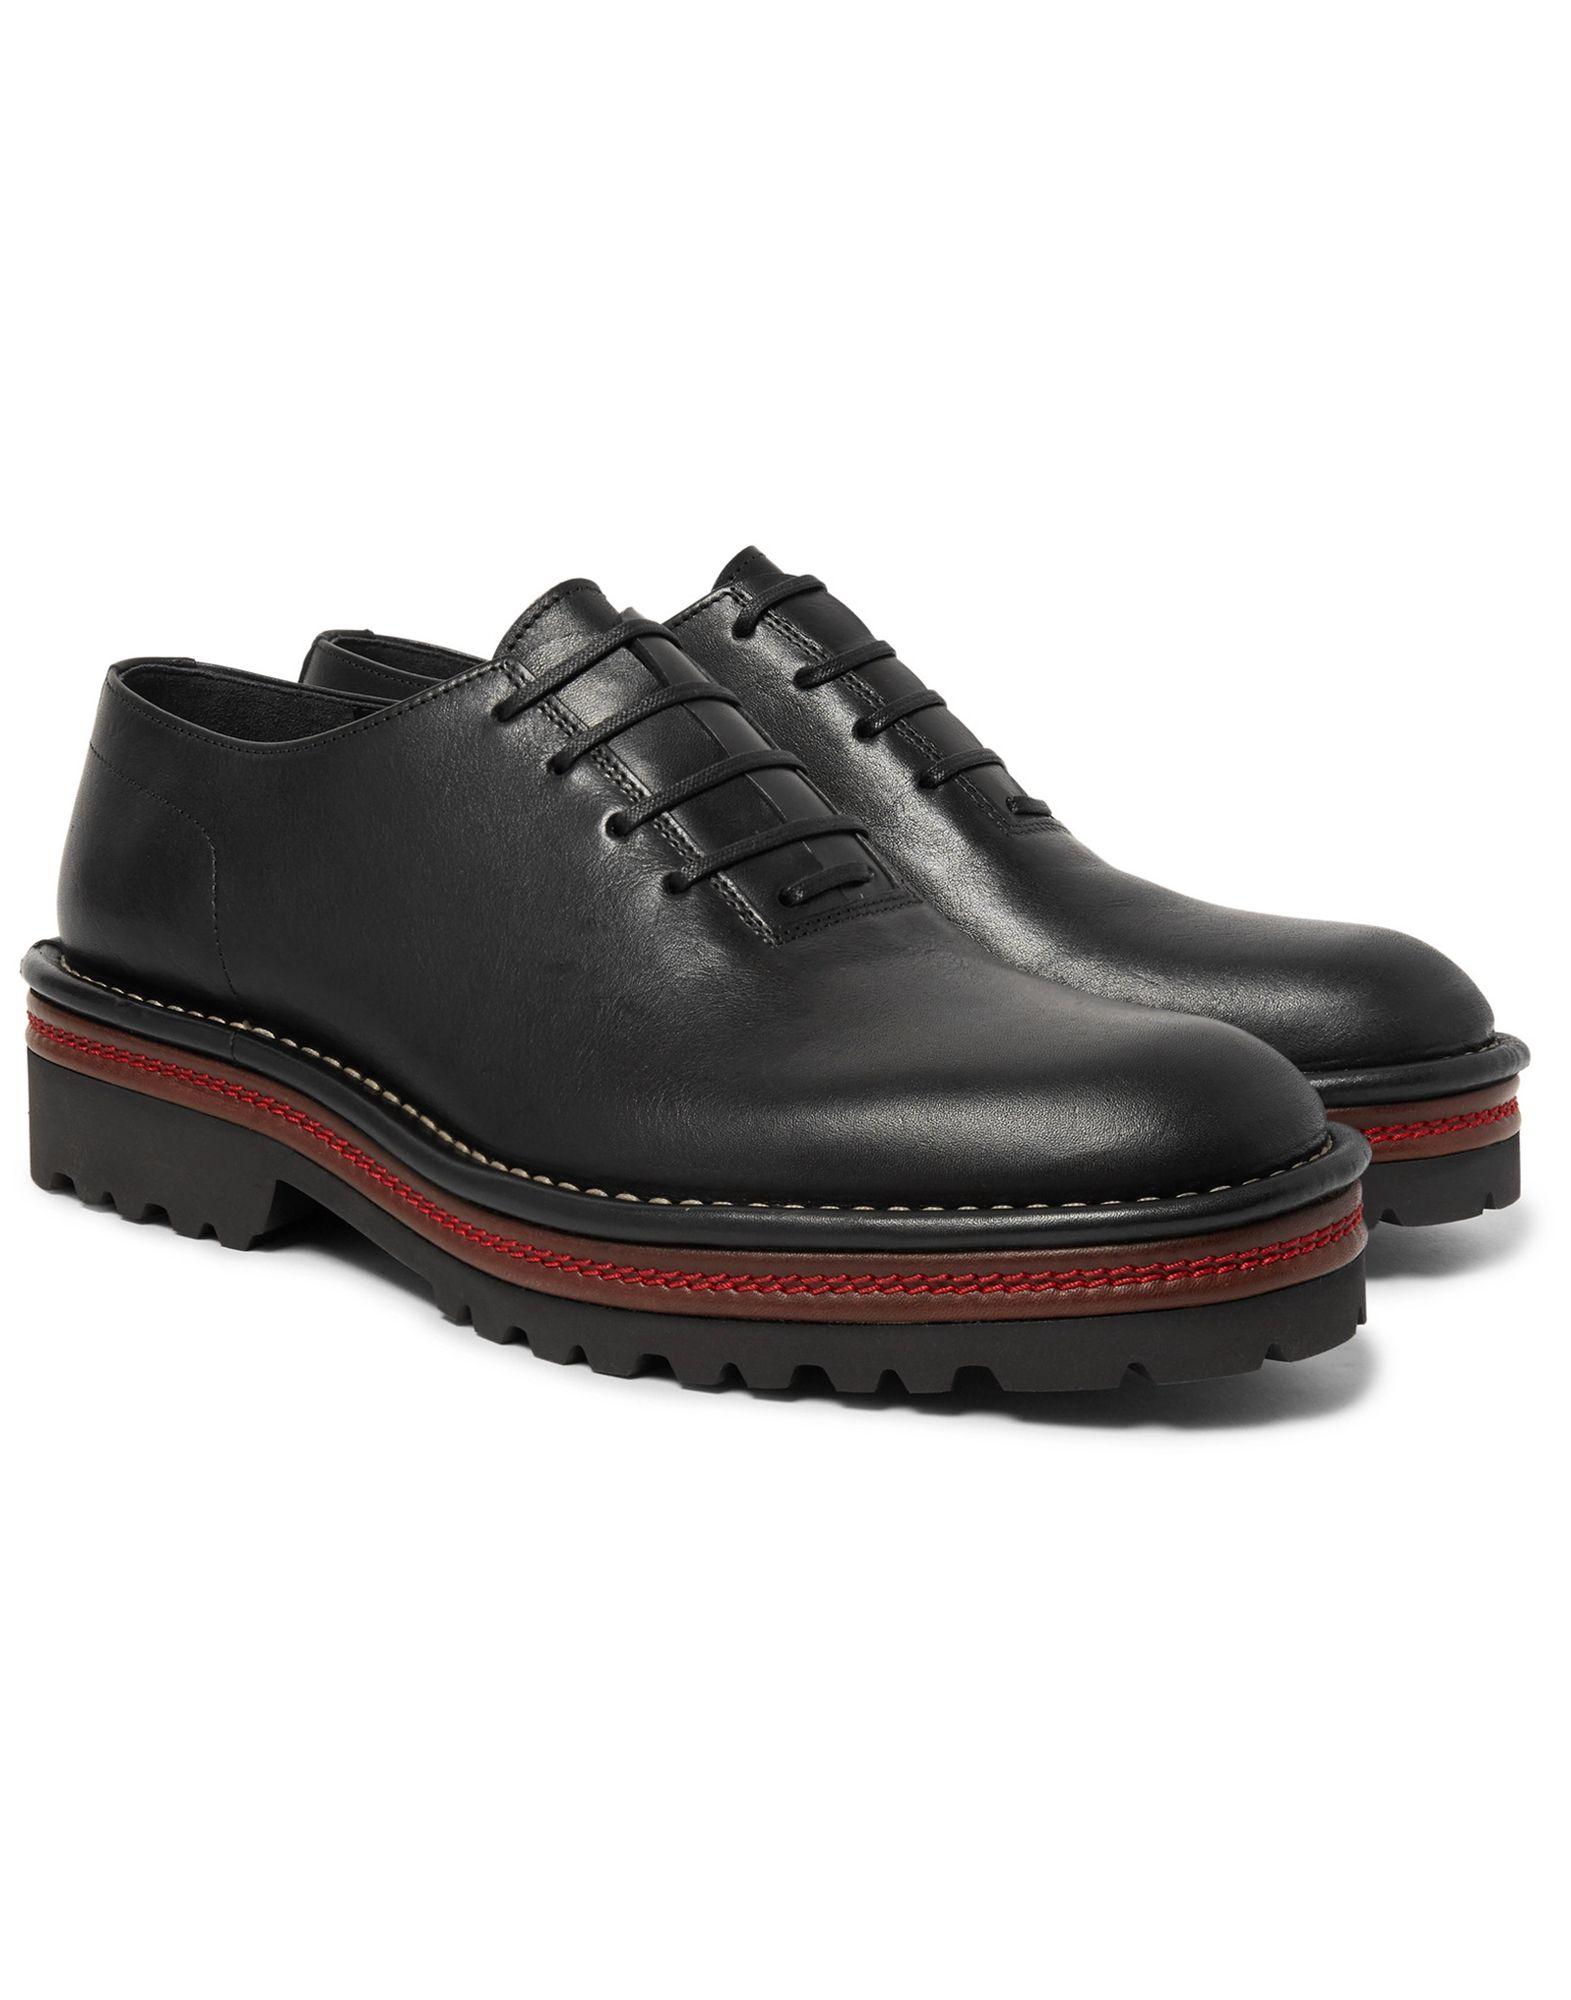 Maison Margiela Schnürschuhe Herren beliebte  11535765OF Gute Qualität beliebte Herren Schuhe 3823c0